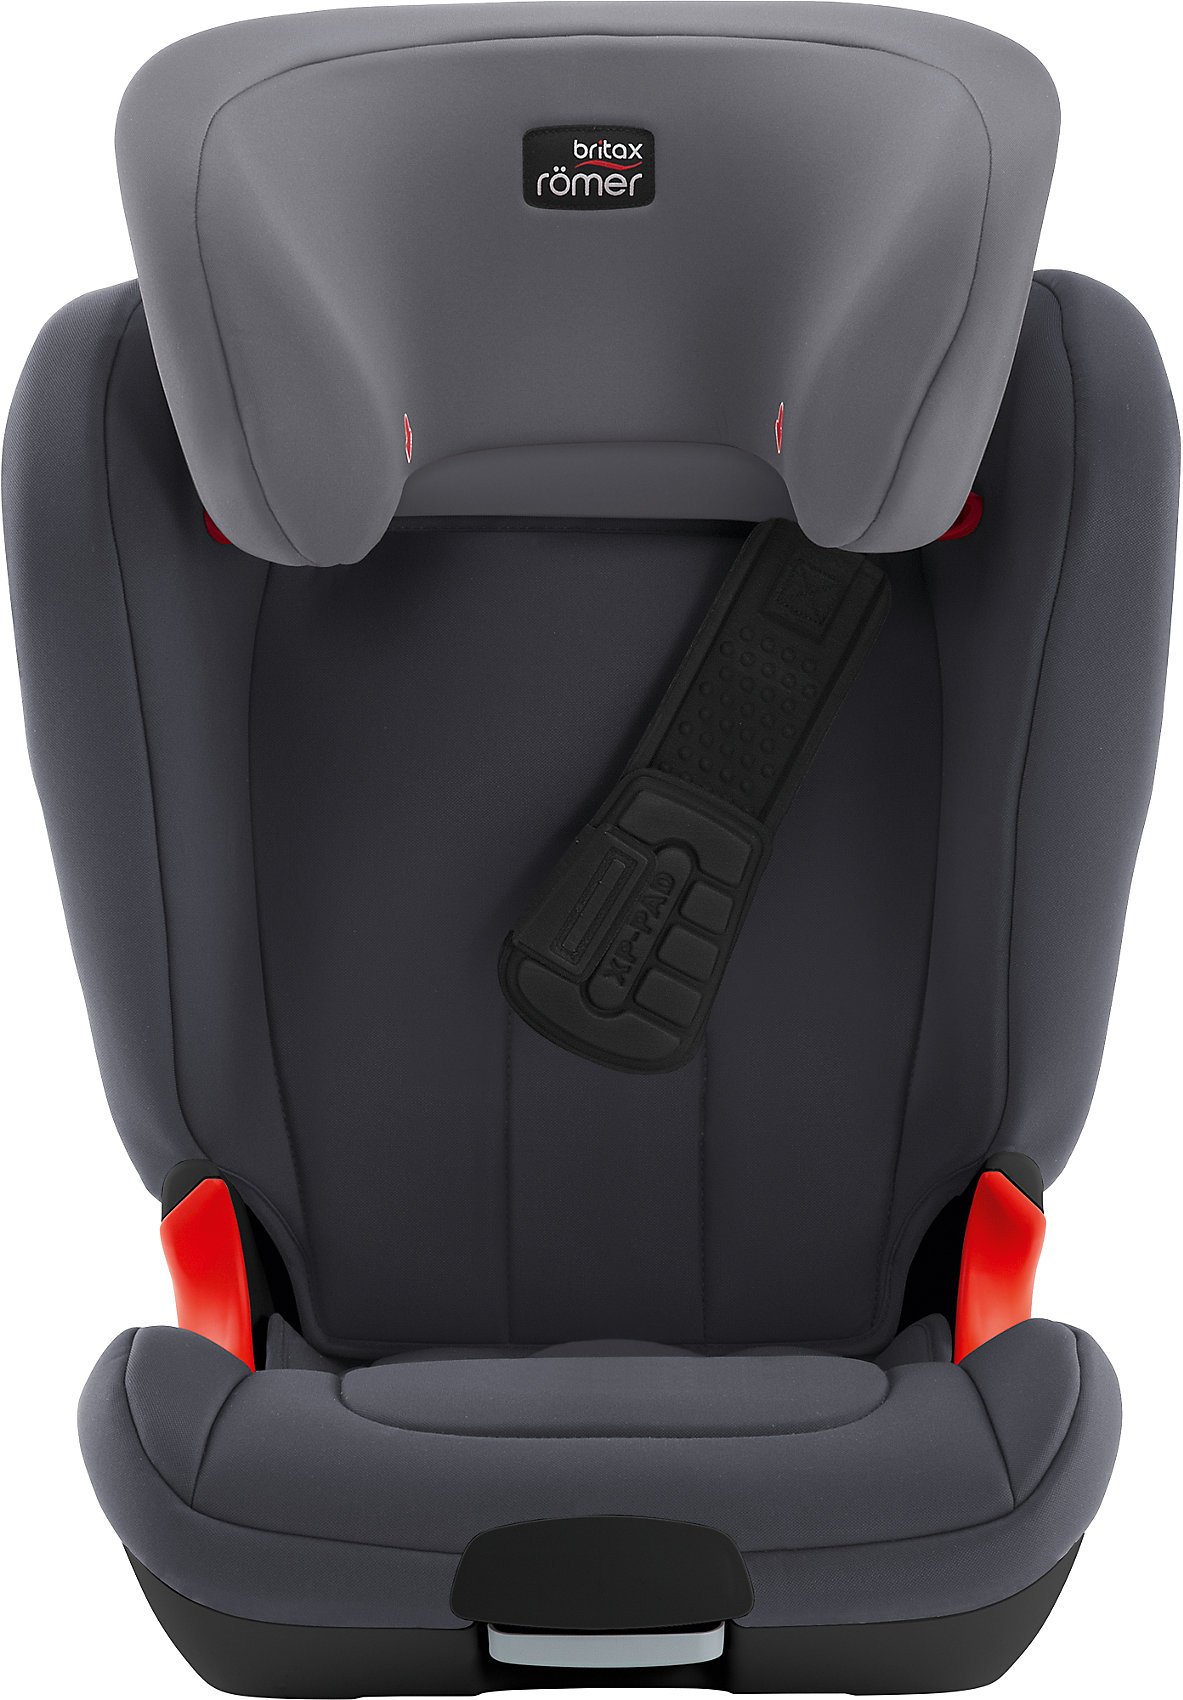 Black Series Neu Britax Römer Auto-Kindersitz Kidfix XP Cosmos Black 6981278